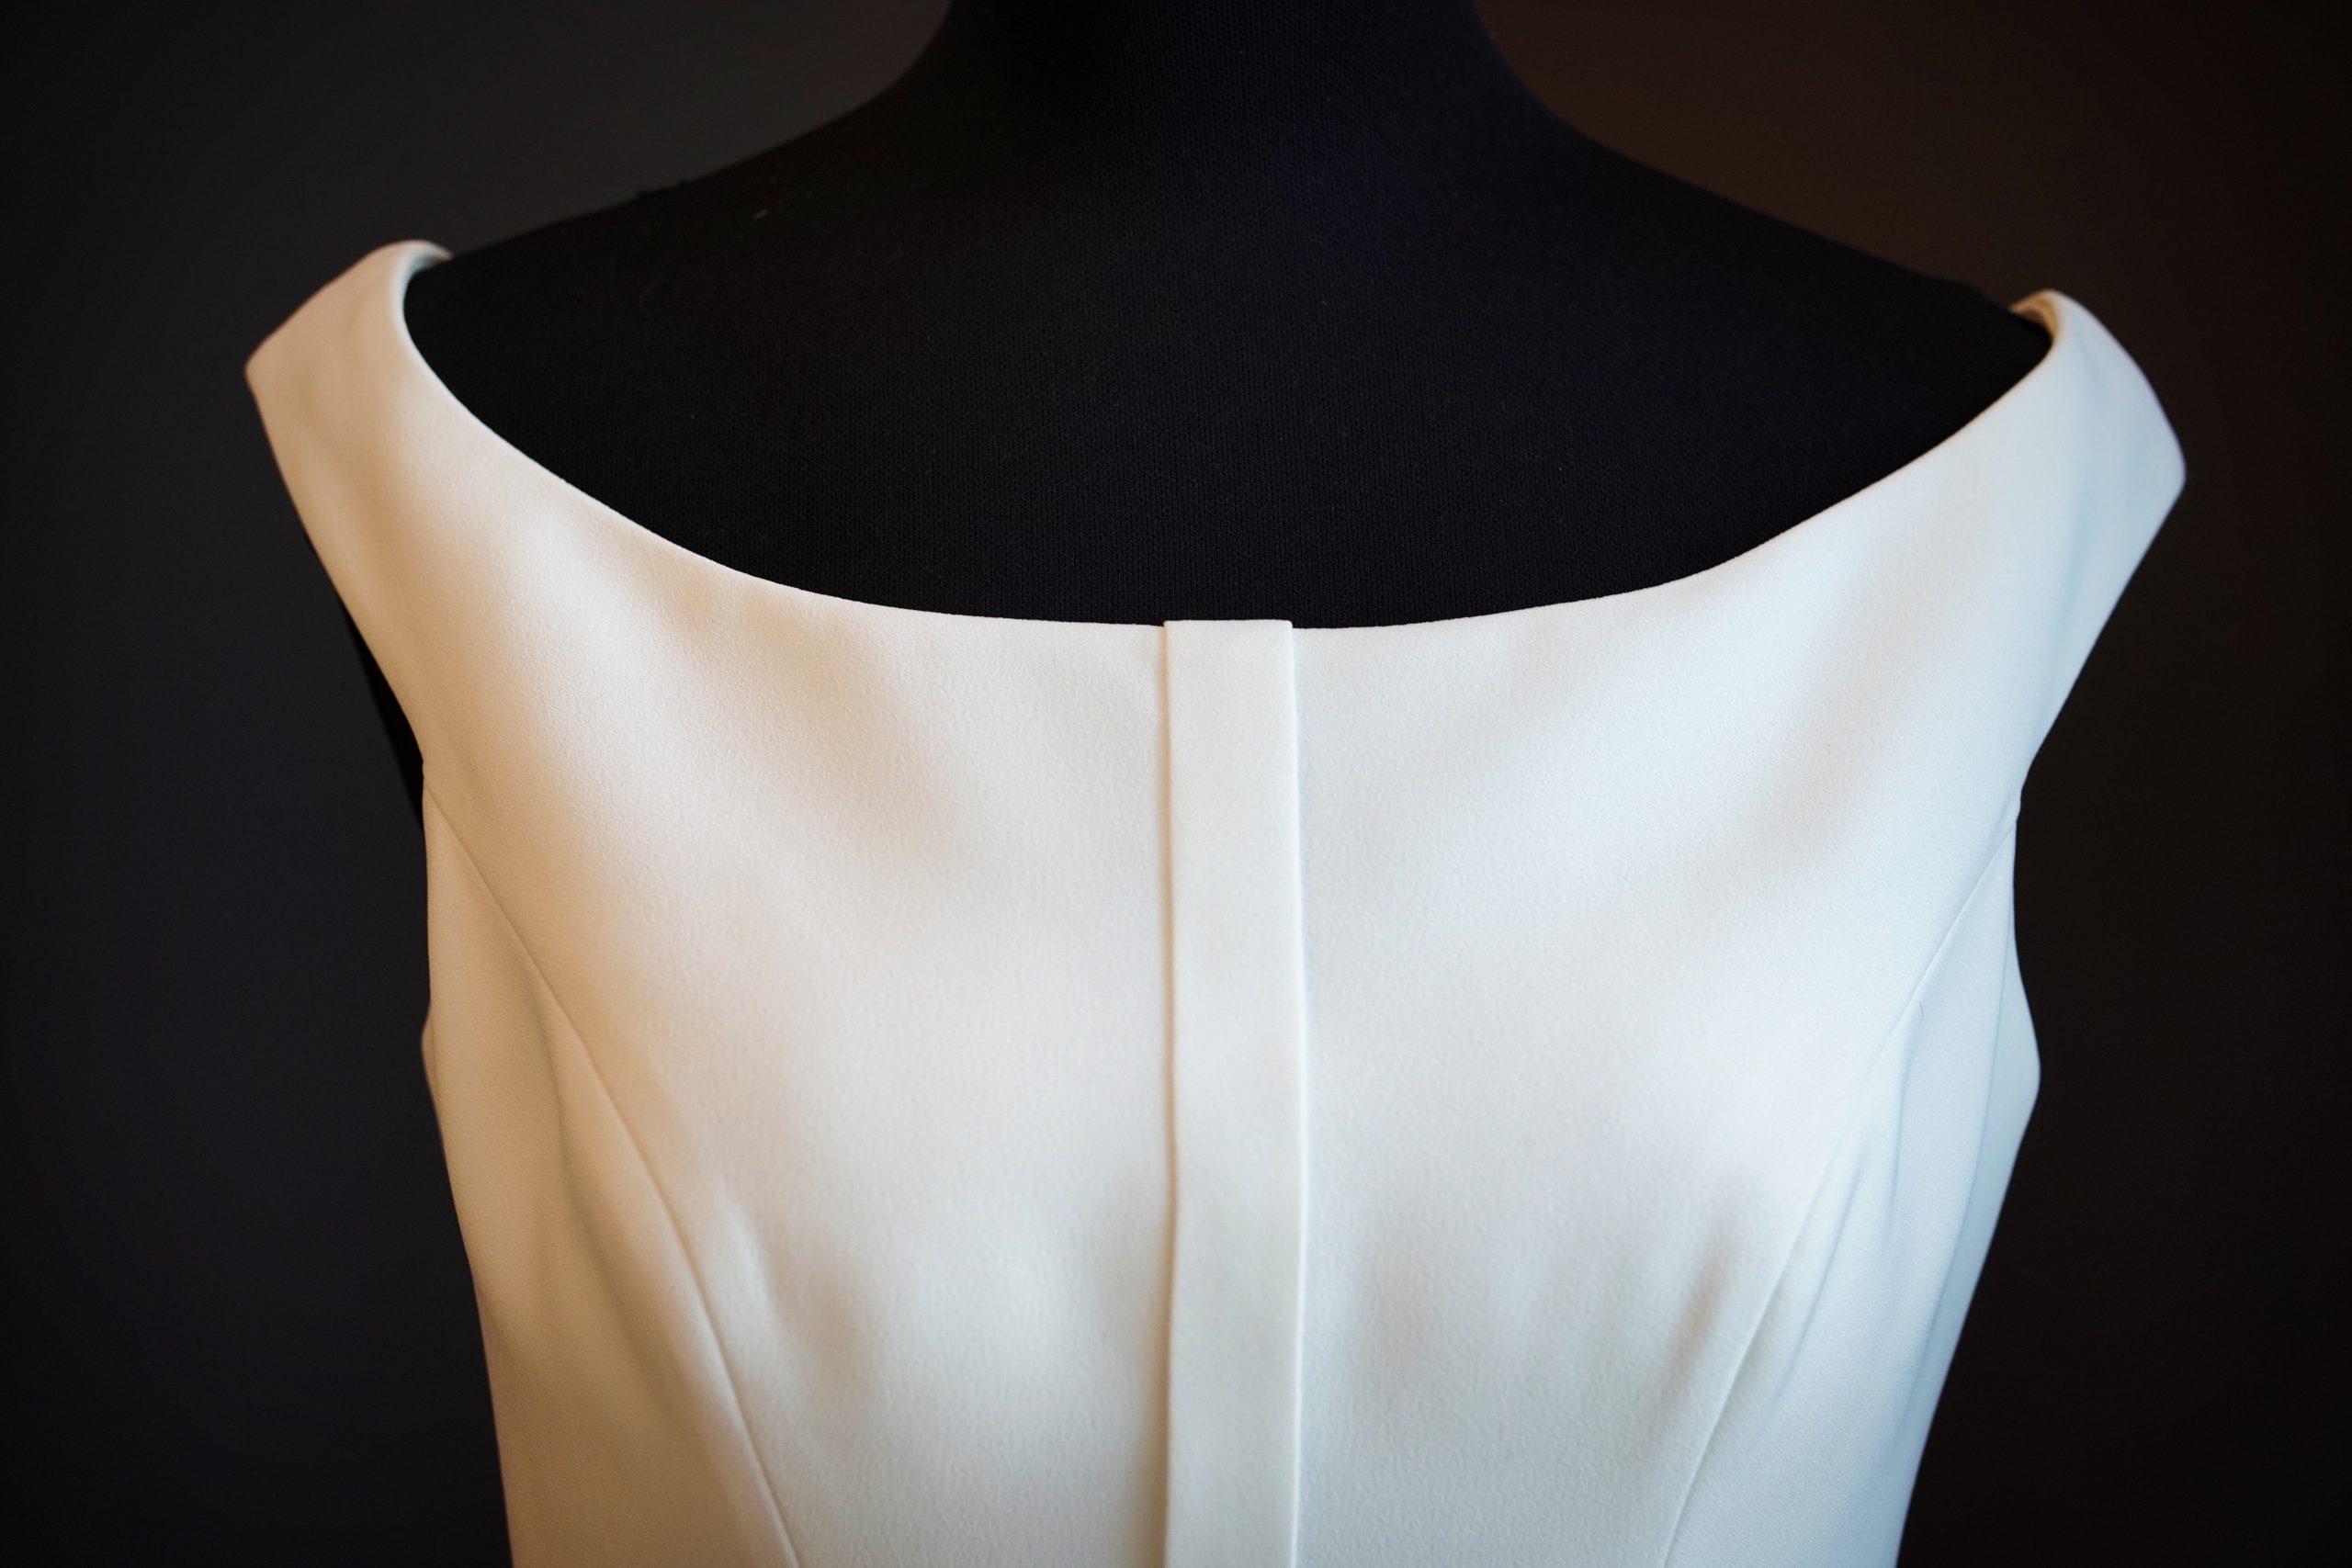 klassisches Brautkleid fürs Standesamt - große Auswahl - Bridal Studio hugs & kisses - Brautkleider-muenchen